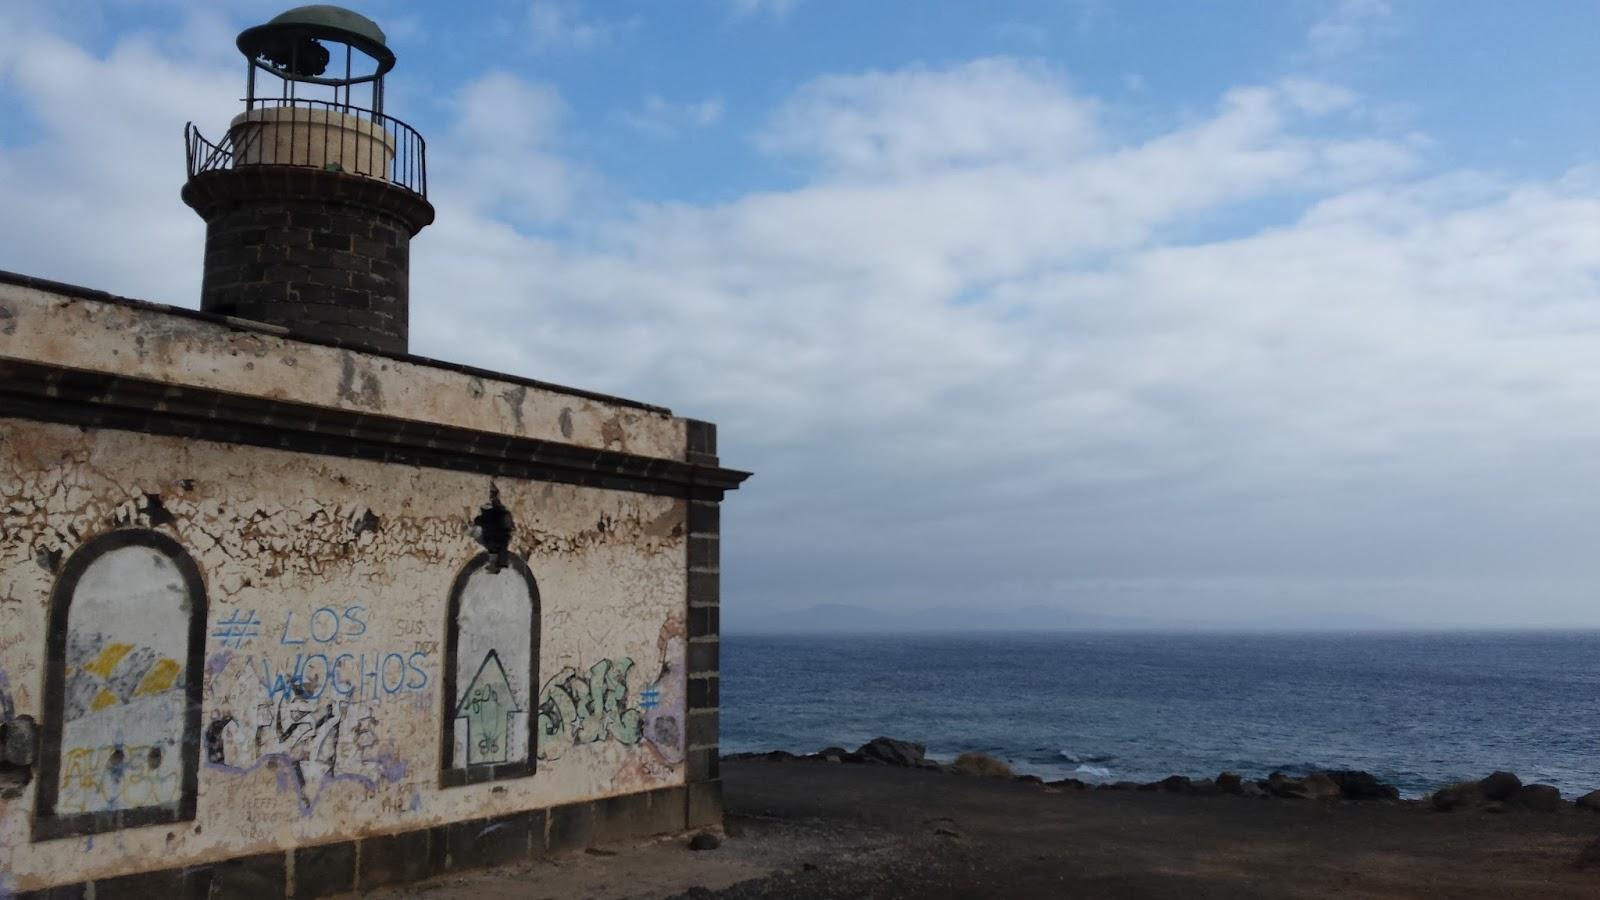 latarnia morska, Lanzarote, Wyspy Kanaryjskie, Canary Islands, ciekawe miejsca na Lanzarote